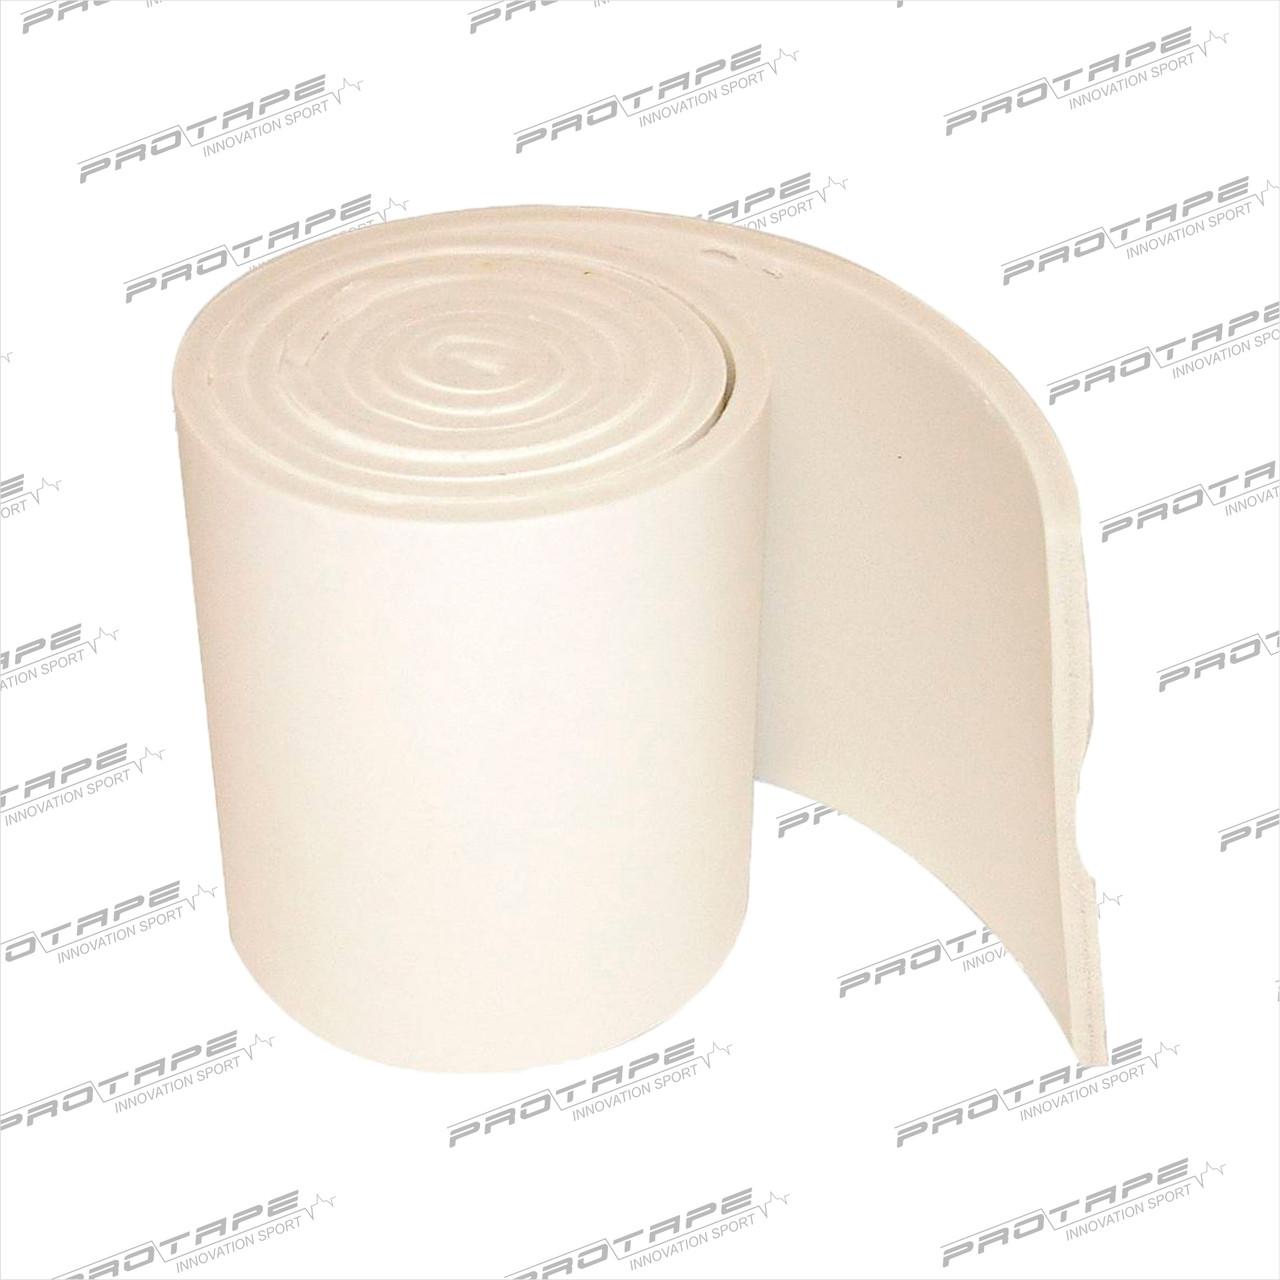 Защитный пеноматериал Jaybird 12,5см х 180см (толщина: 0,3см)